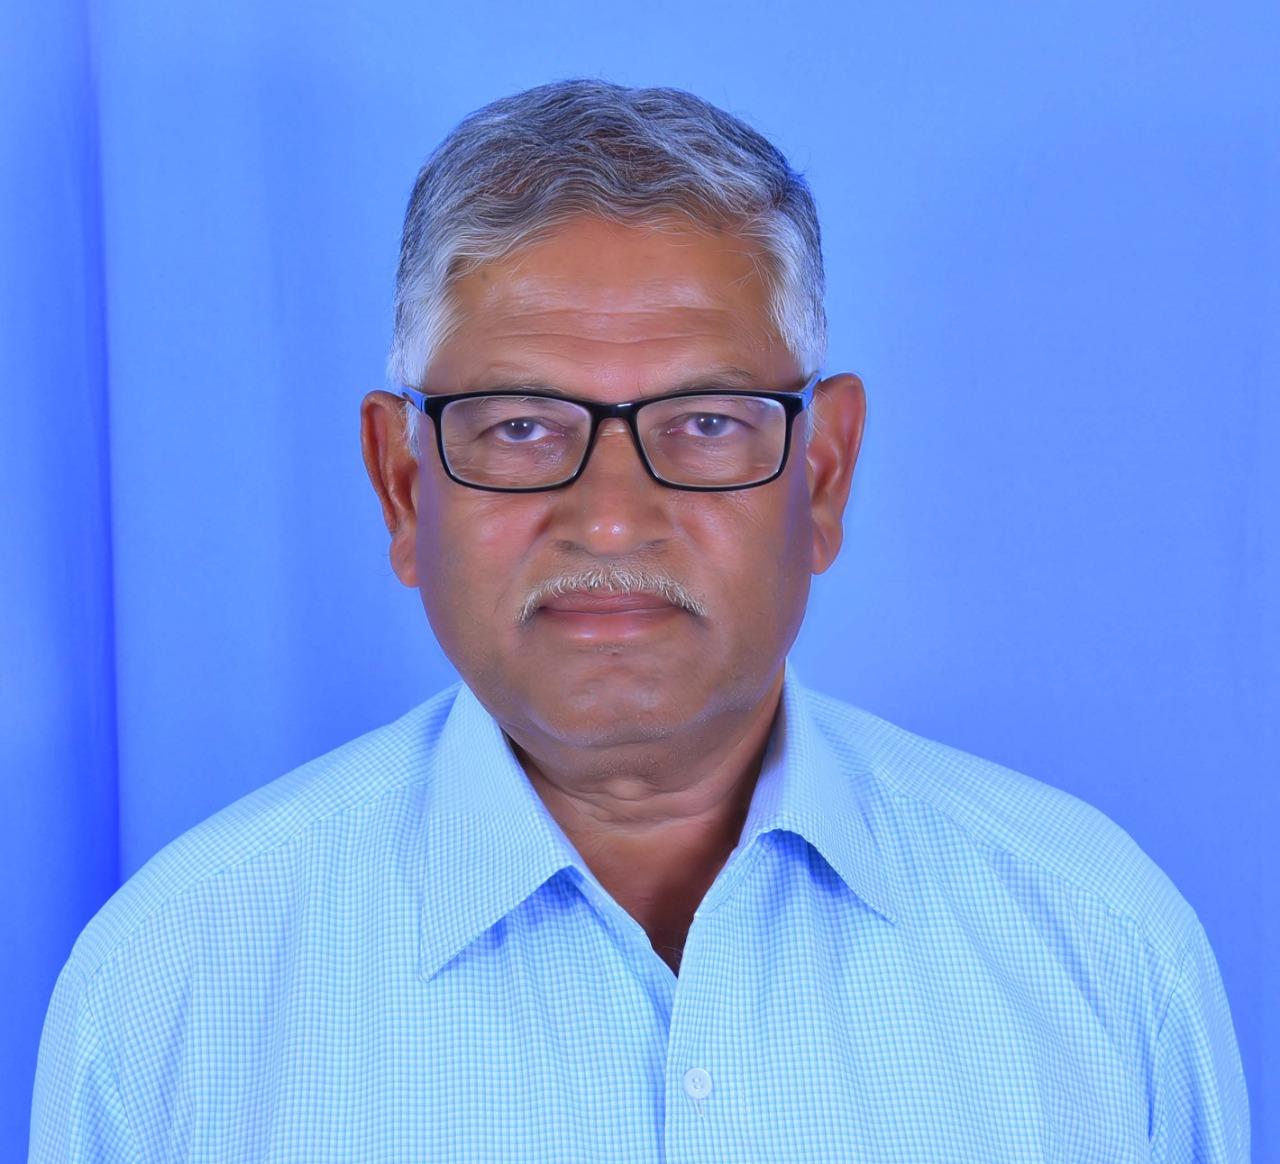 ಶ್ರೀಯತ ಆರ್. ಕೆಂಚಪ್ಪರವರು